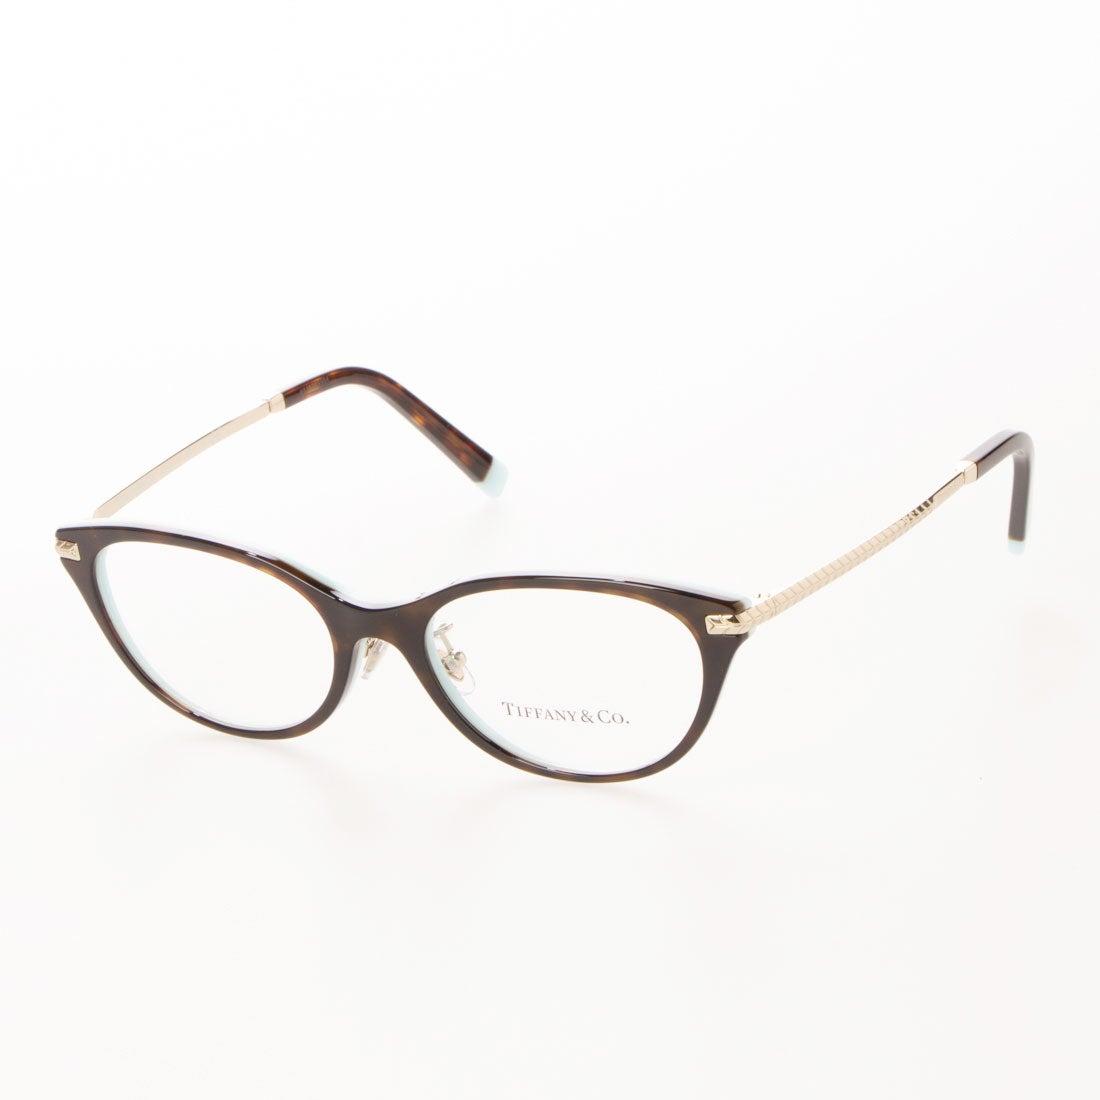 ティファニー TIFFANY メガネ 眼鏡 アイウェア レディース メンズ (ハバナオンティファニーブルー)